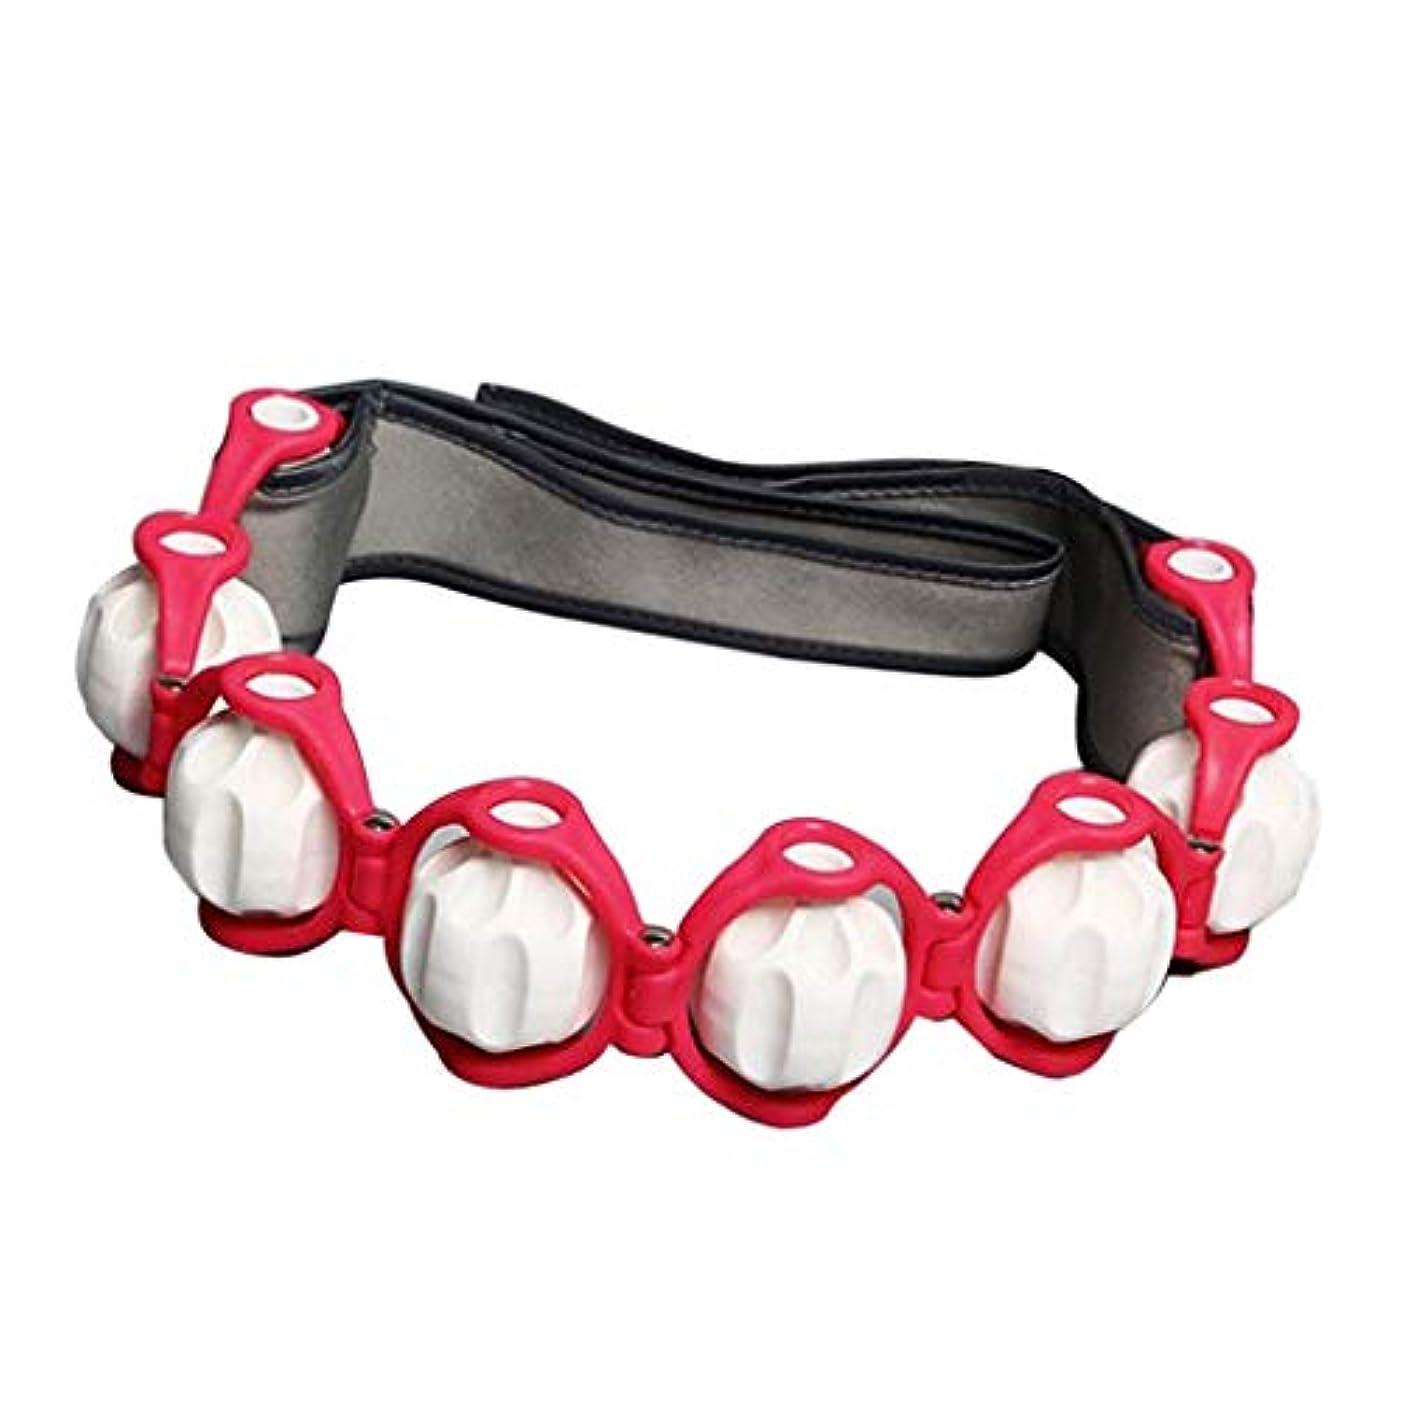 キウイリマ人種マッサージローラー ロープ付き ネック ショルダー ツボ押し マッサージボール 4色選べ - 赤, 説明したように